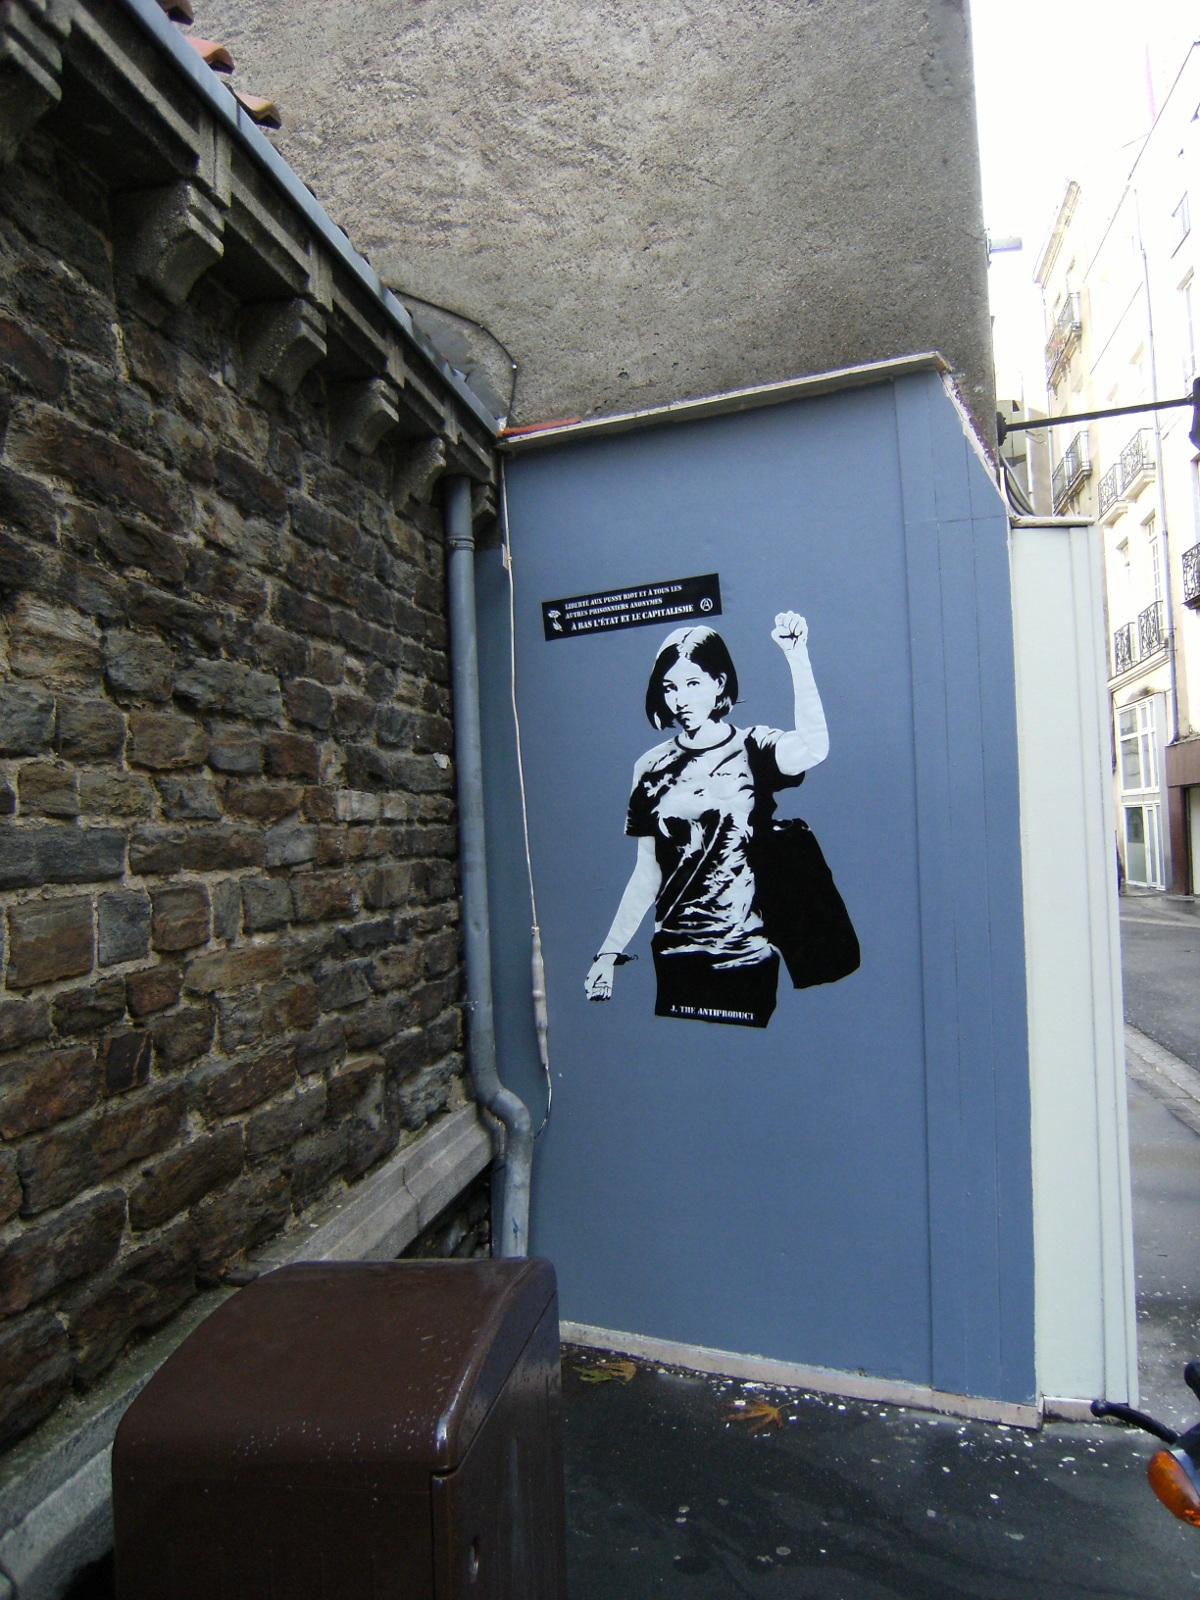 http://juralib.noblogs.org/files/2012/10/013.jpg